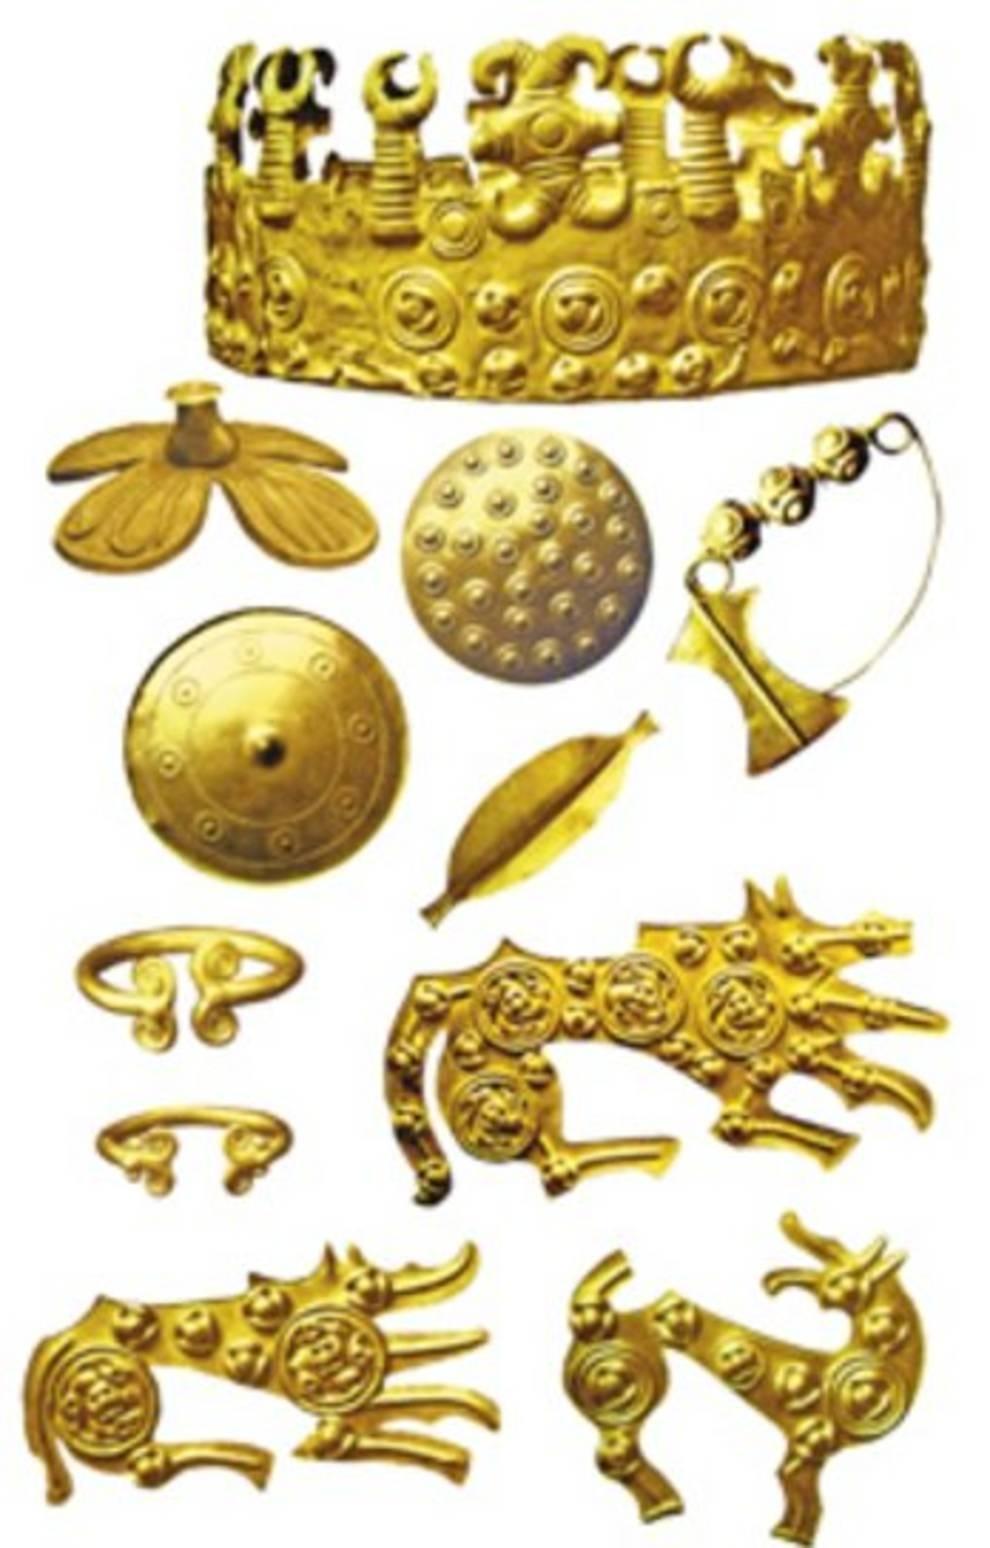 Древний клад золотых украшений, обнаруженный в Тернопольской области